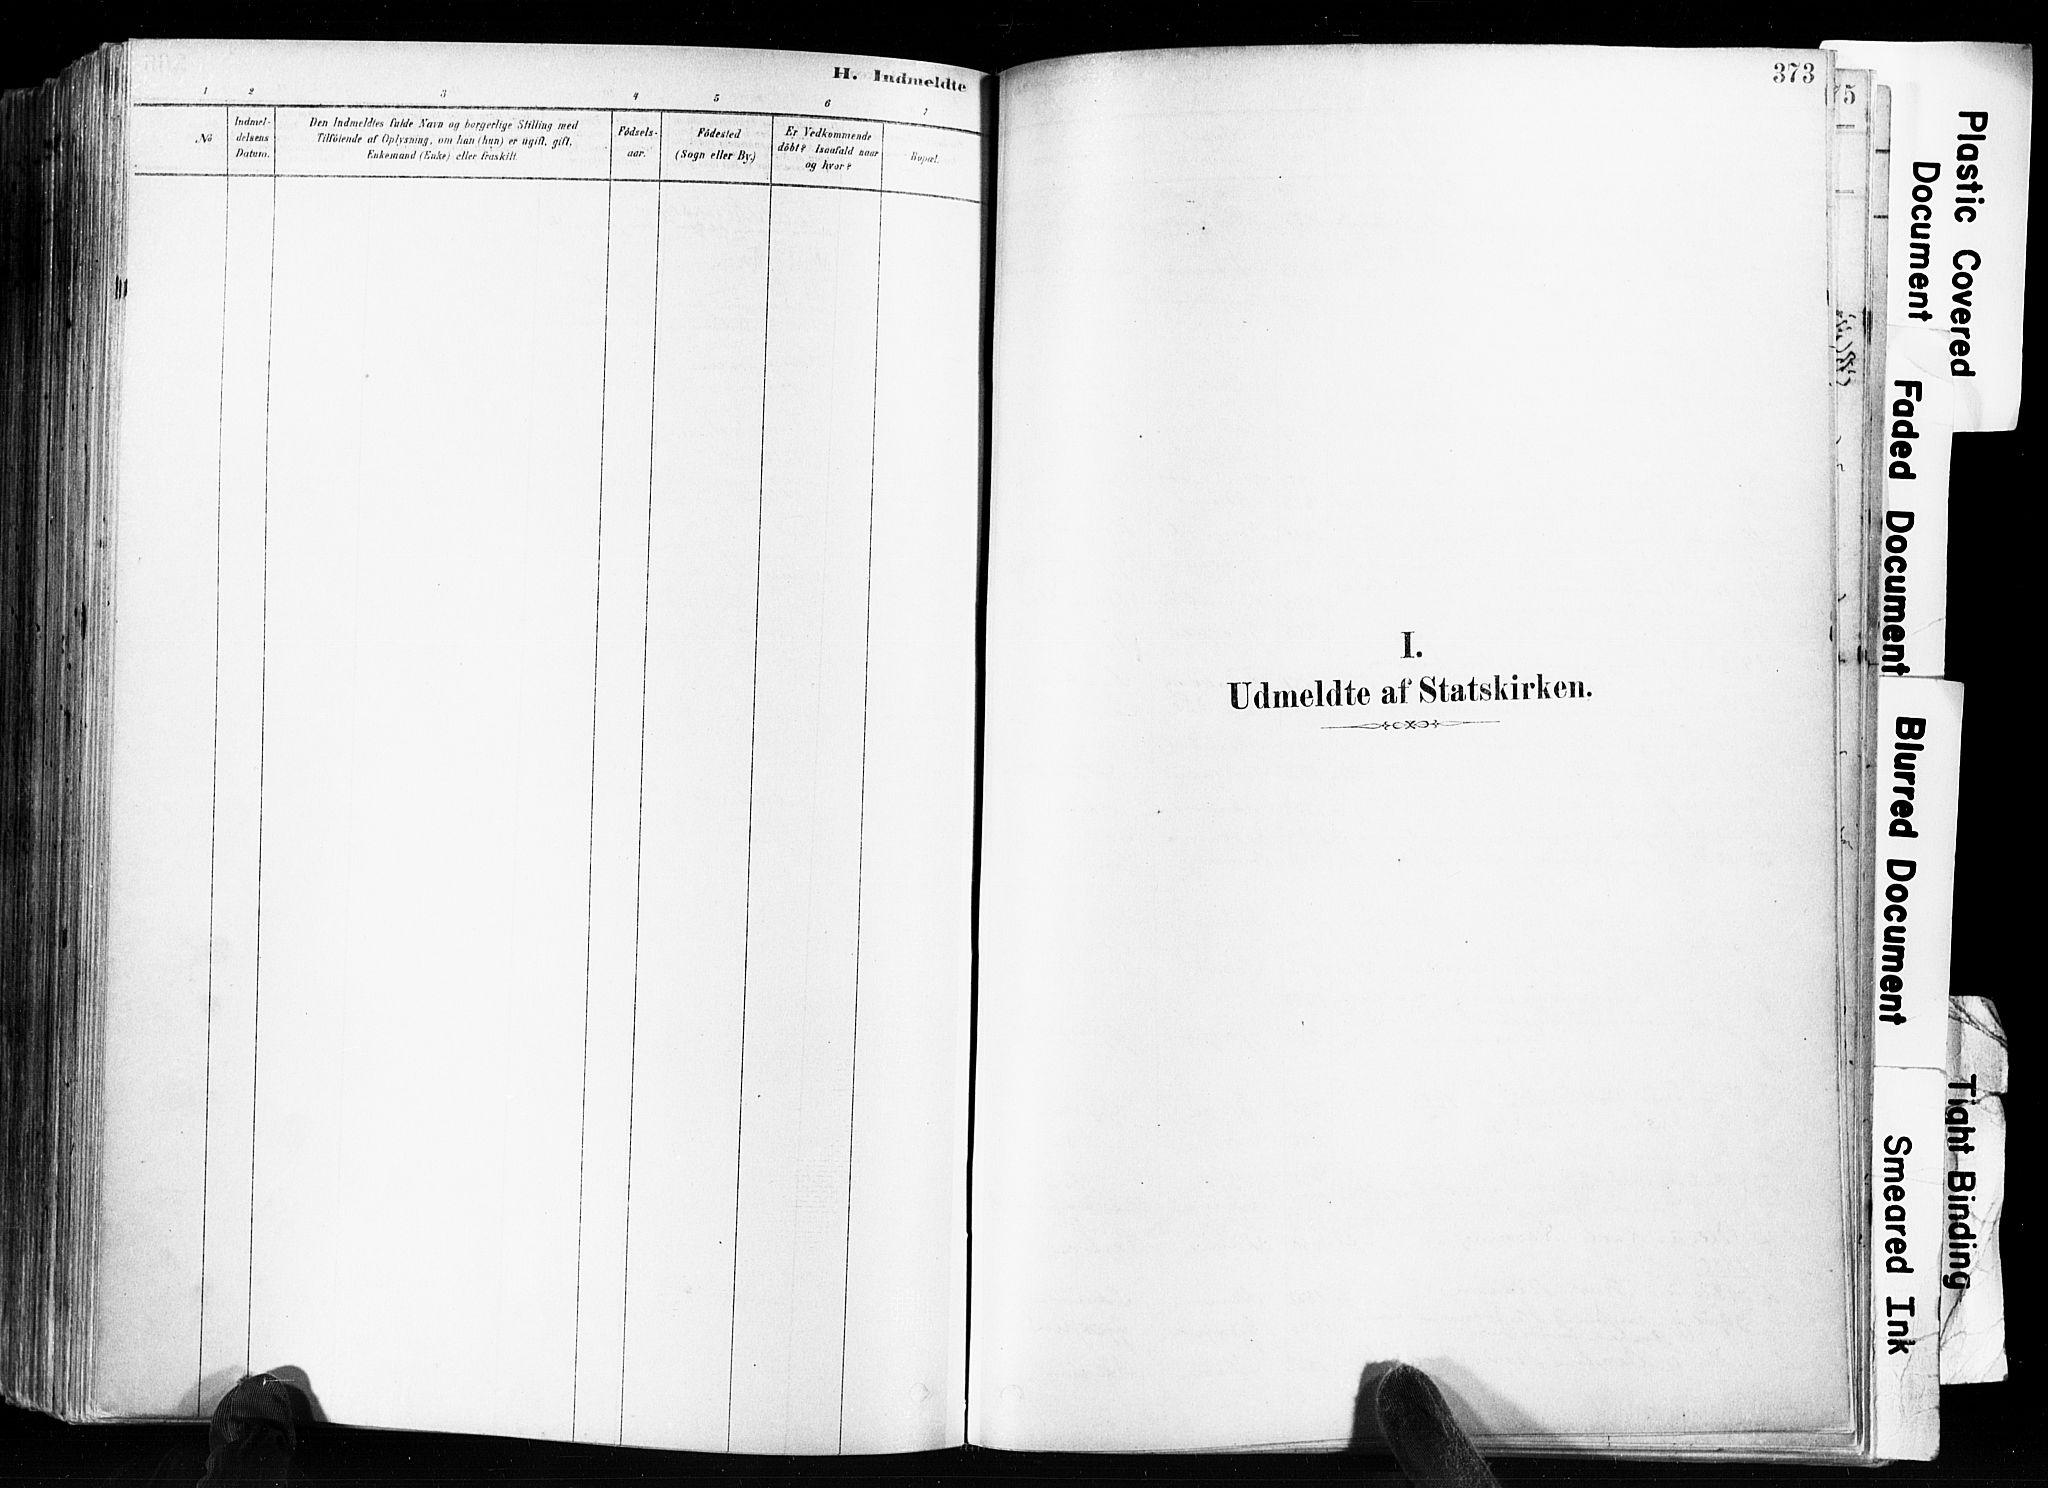 SAKO, Skien kirkebøker, F/Fa/L0009: Ministerialbok nr. 9, 1878-1890, s. 373